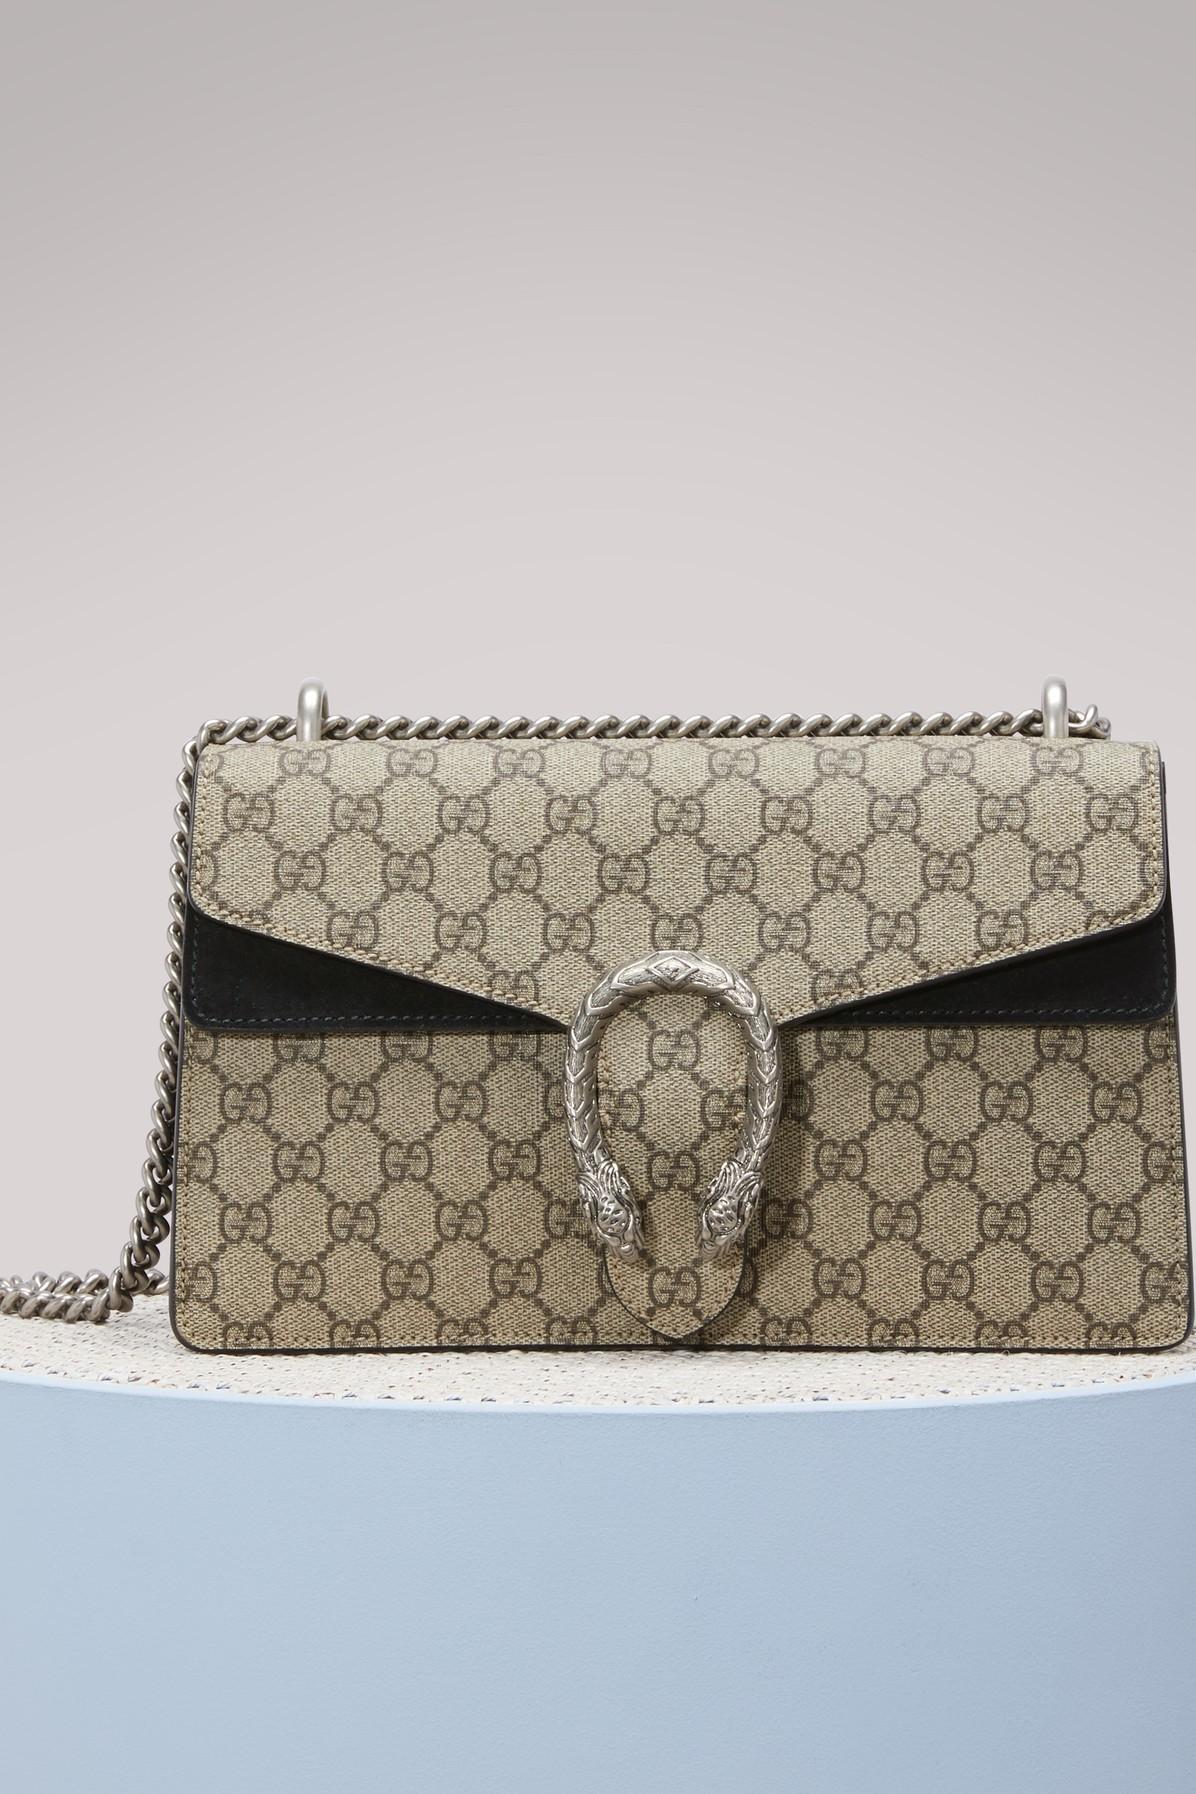 dade2e7d91d Gucci Dionysus Gg Supreme Mini Shoulder Bag